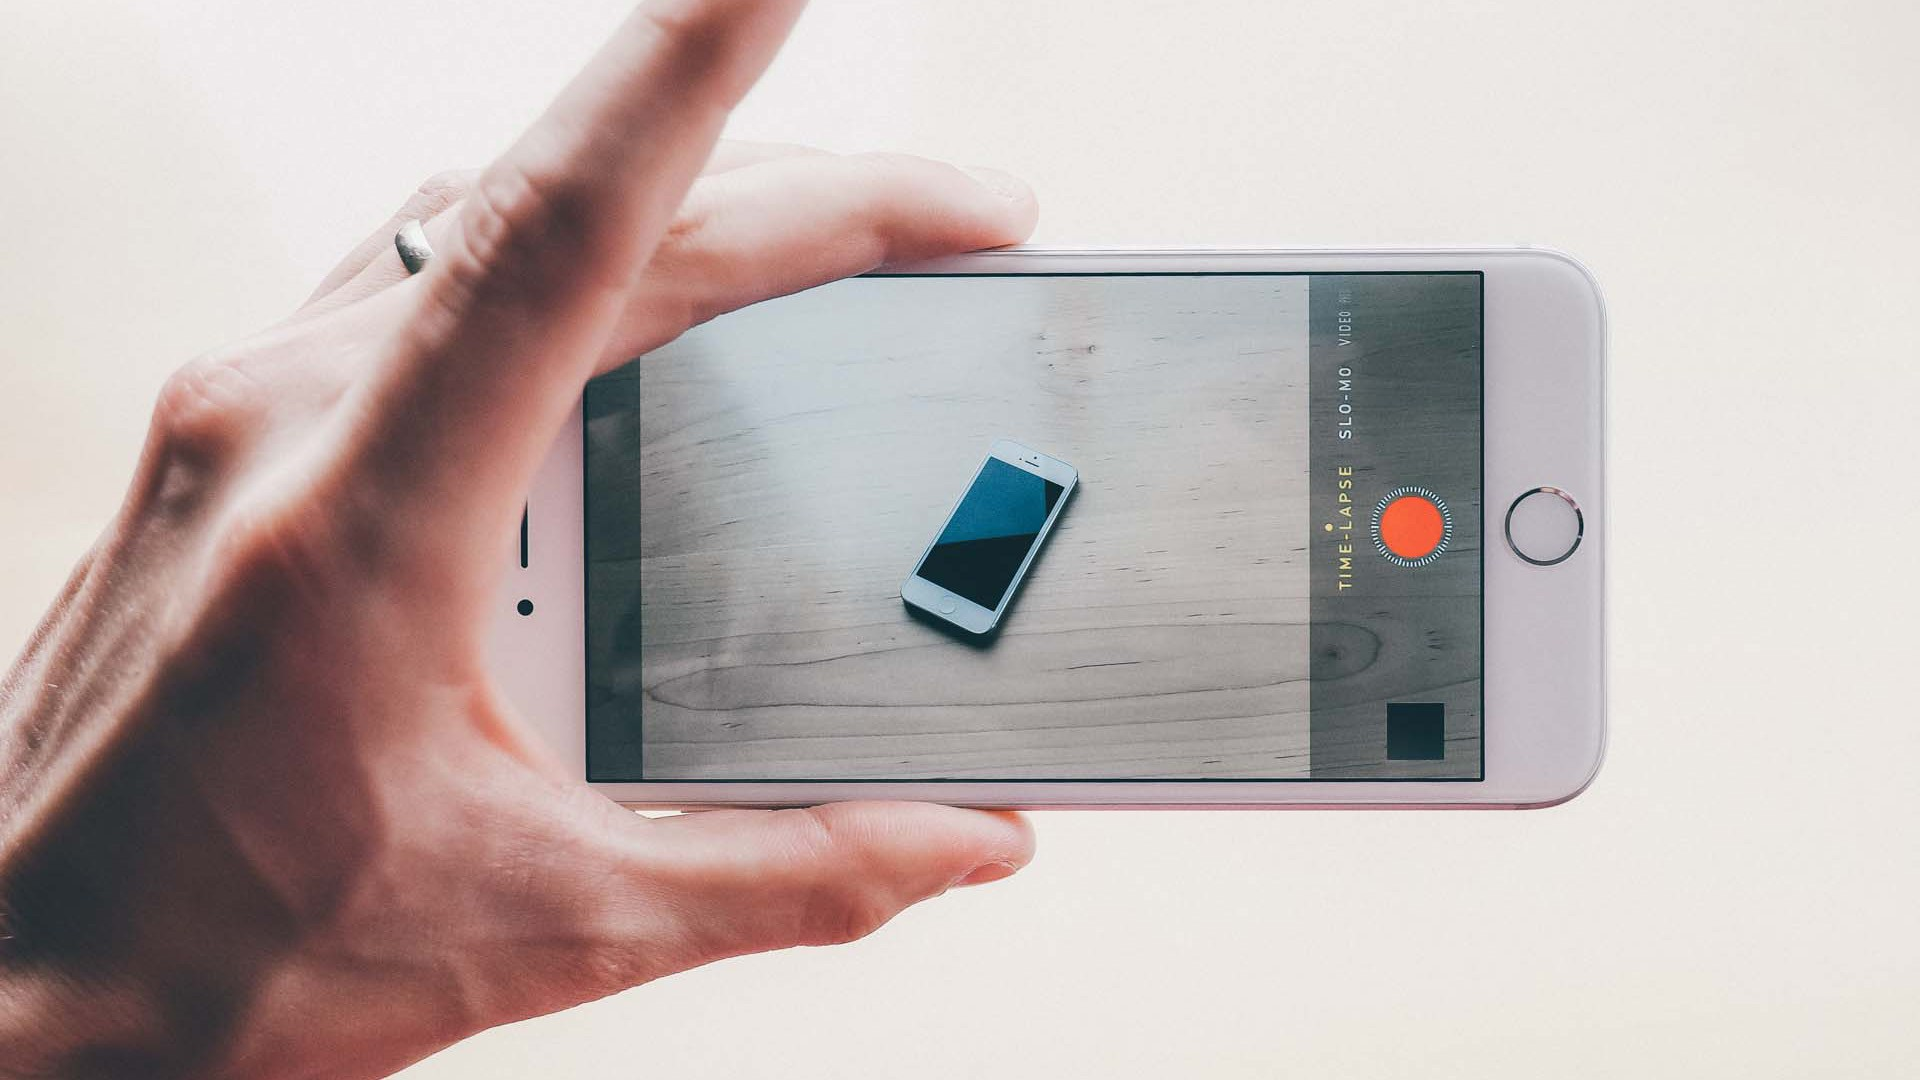 Каким телефоном можно фотографировать под водой некоторых фото